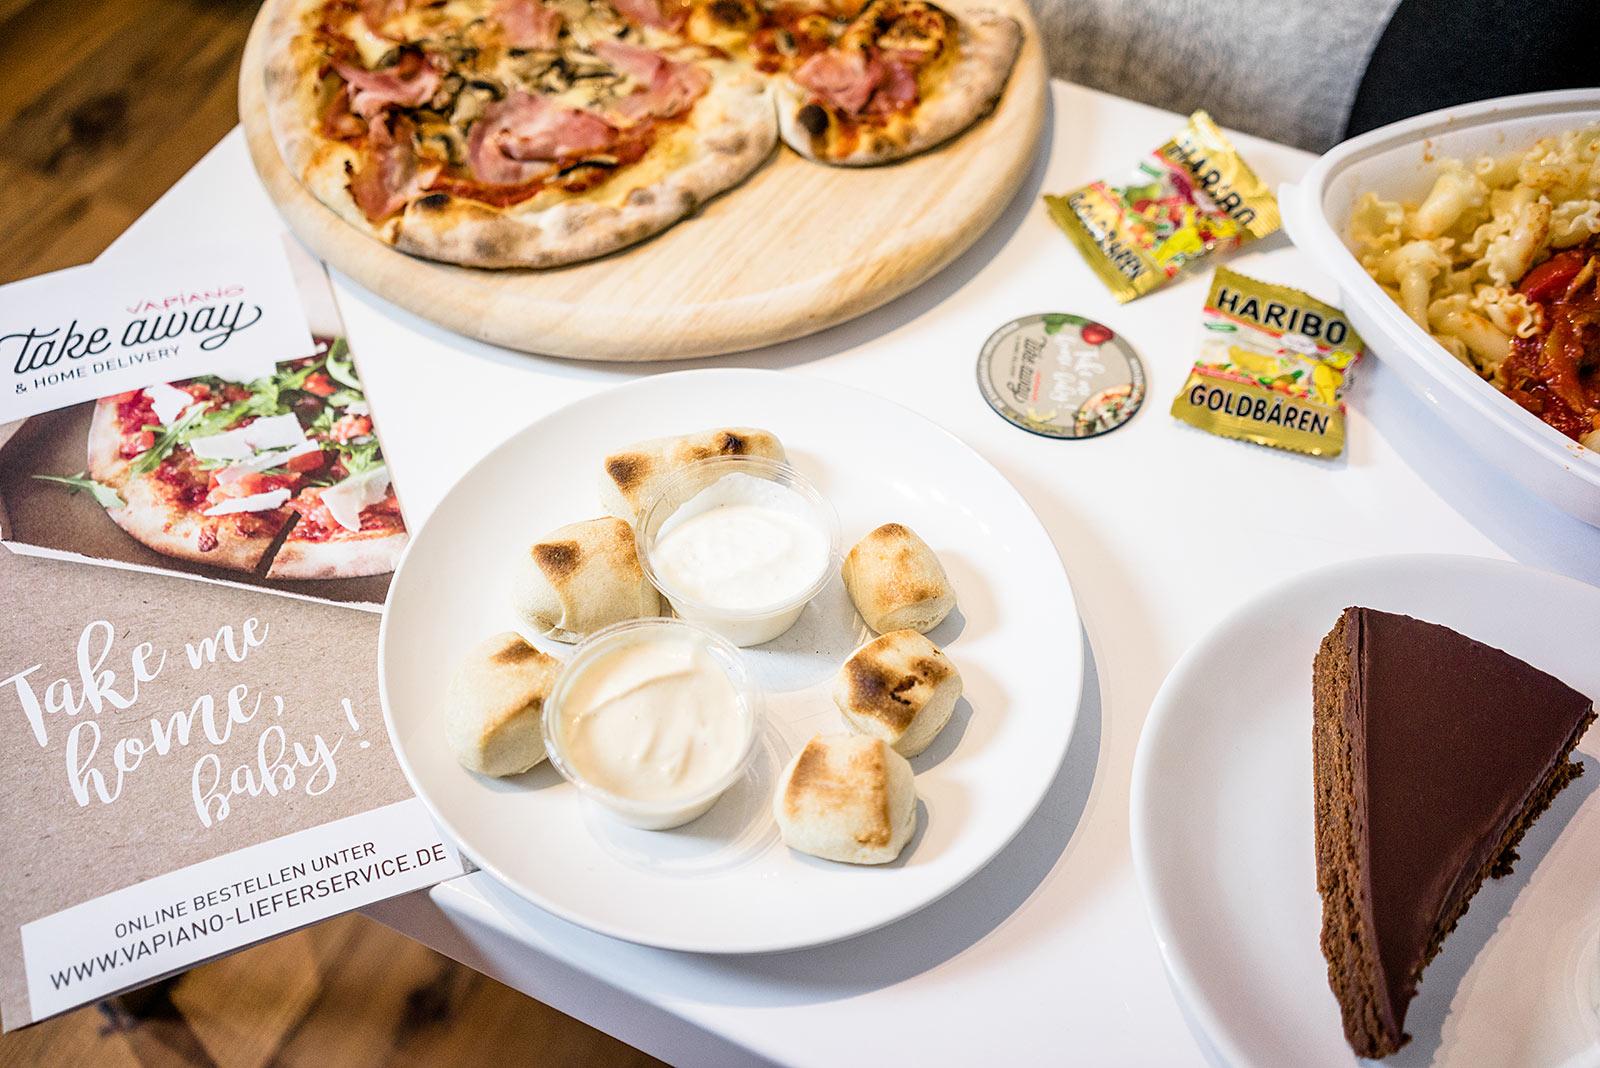 Pizzabrötchen Vapiano Lieferservice Düsseldorf